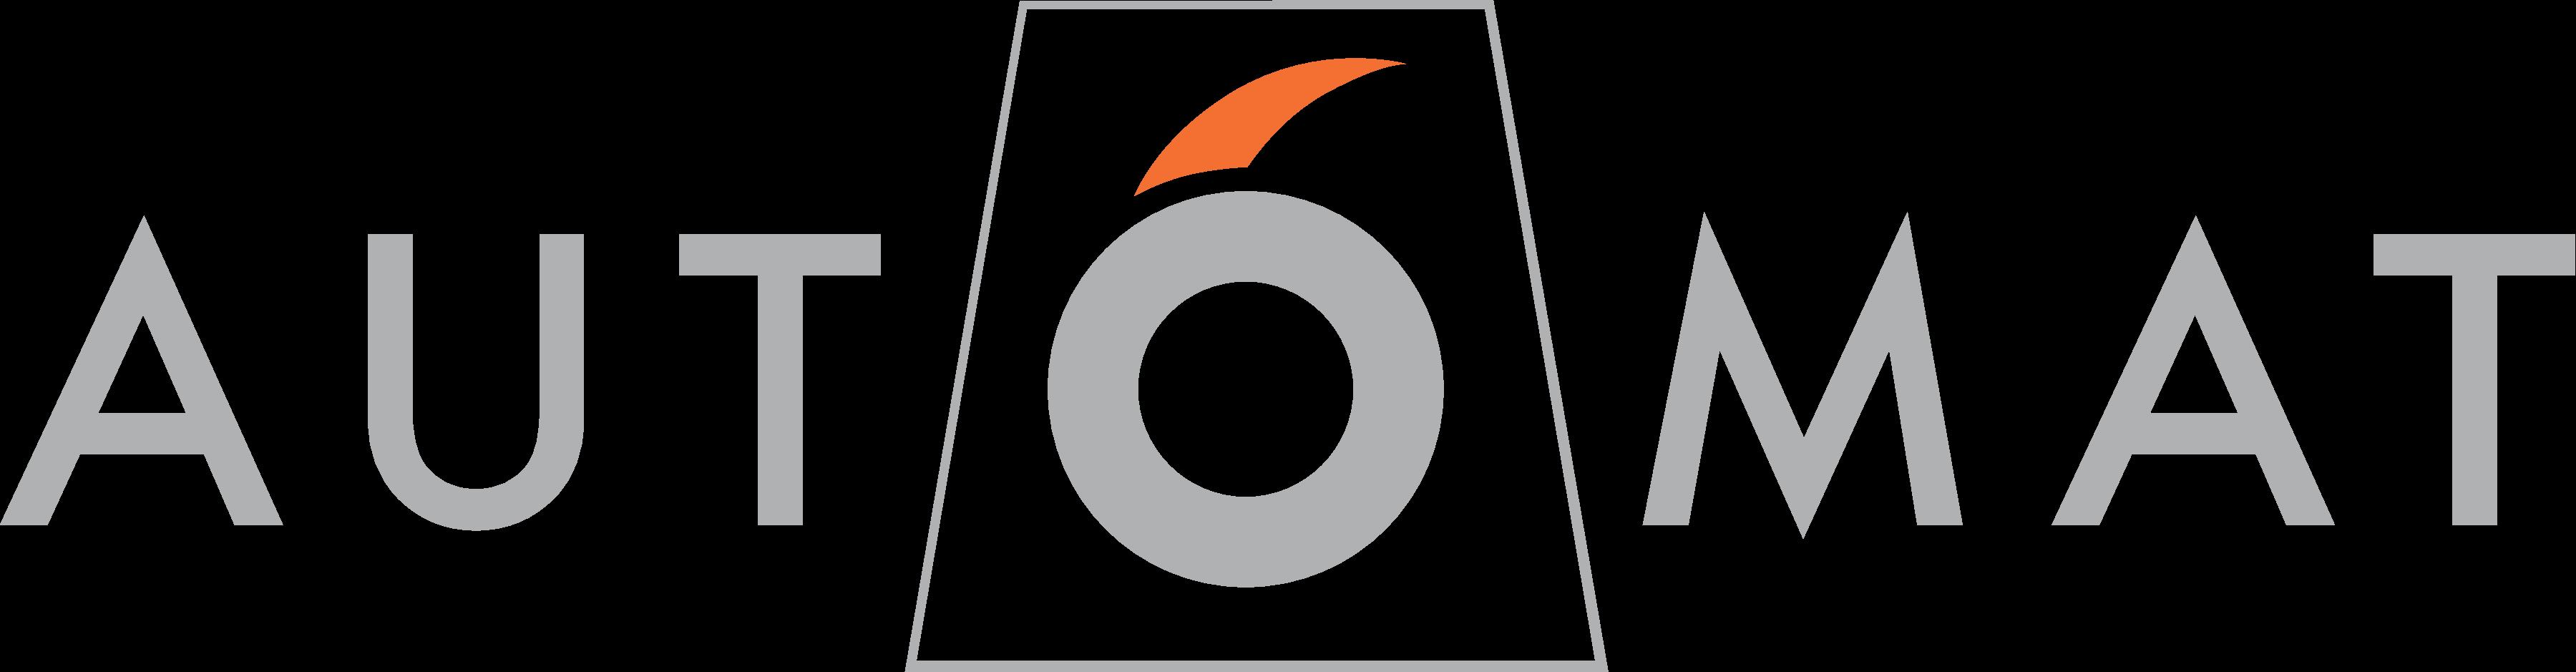 DerAutomat GmbH & Co. KG